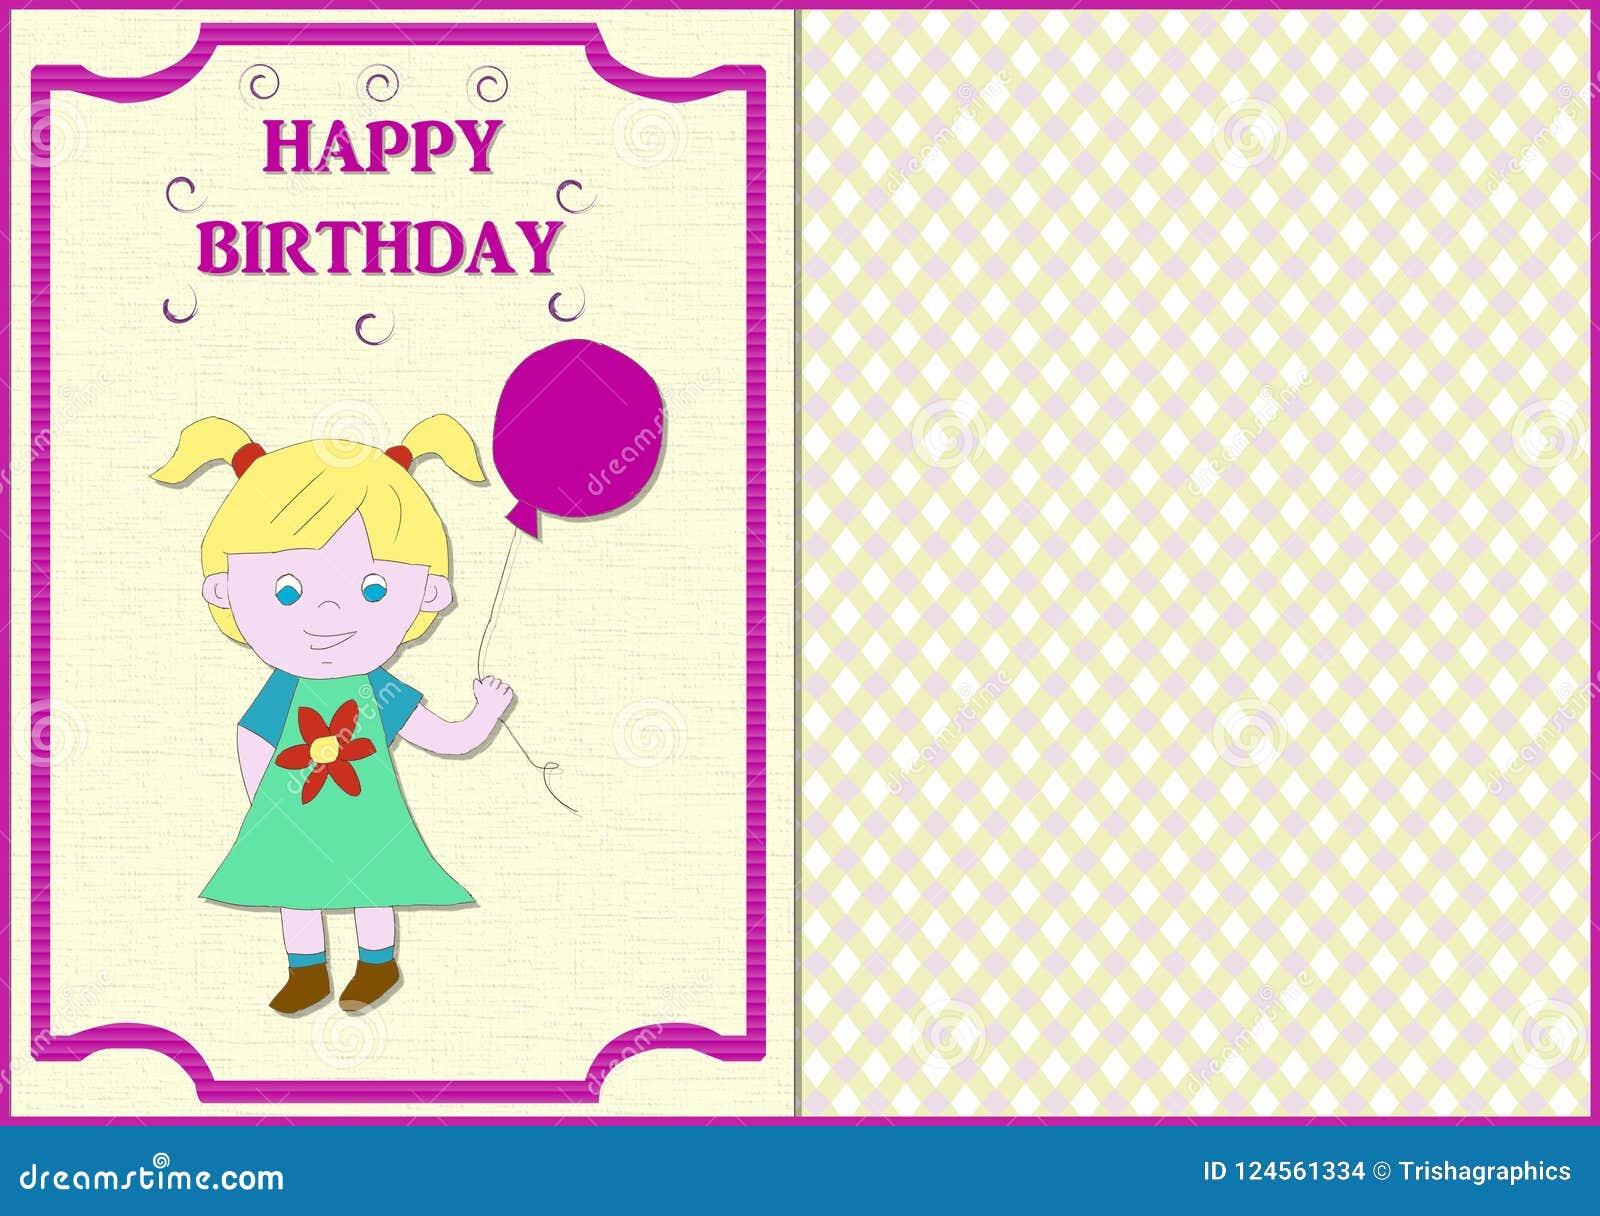 Biglietto Di Compleanno Bambina Stock Illustration Illustration Of